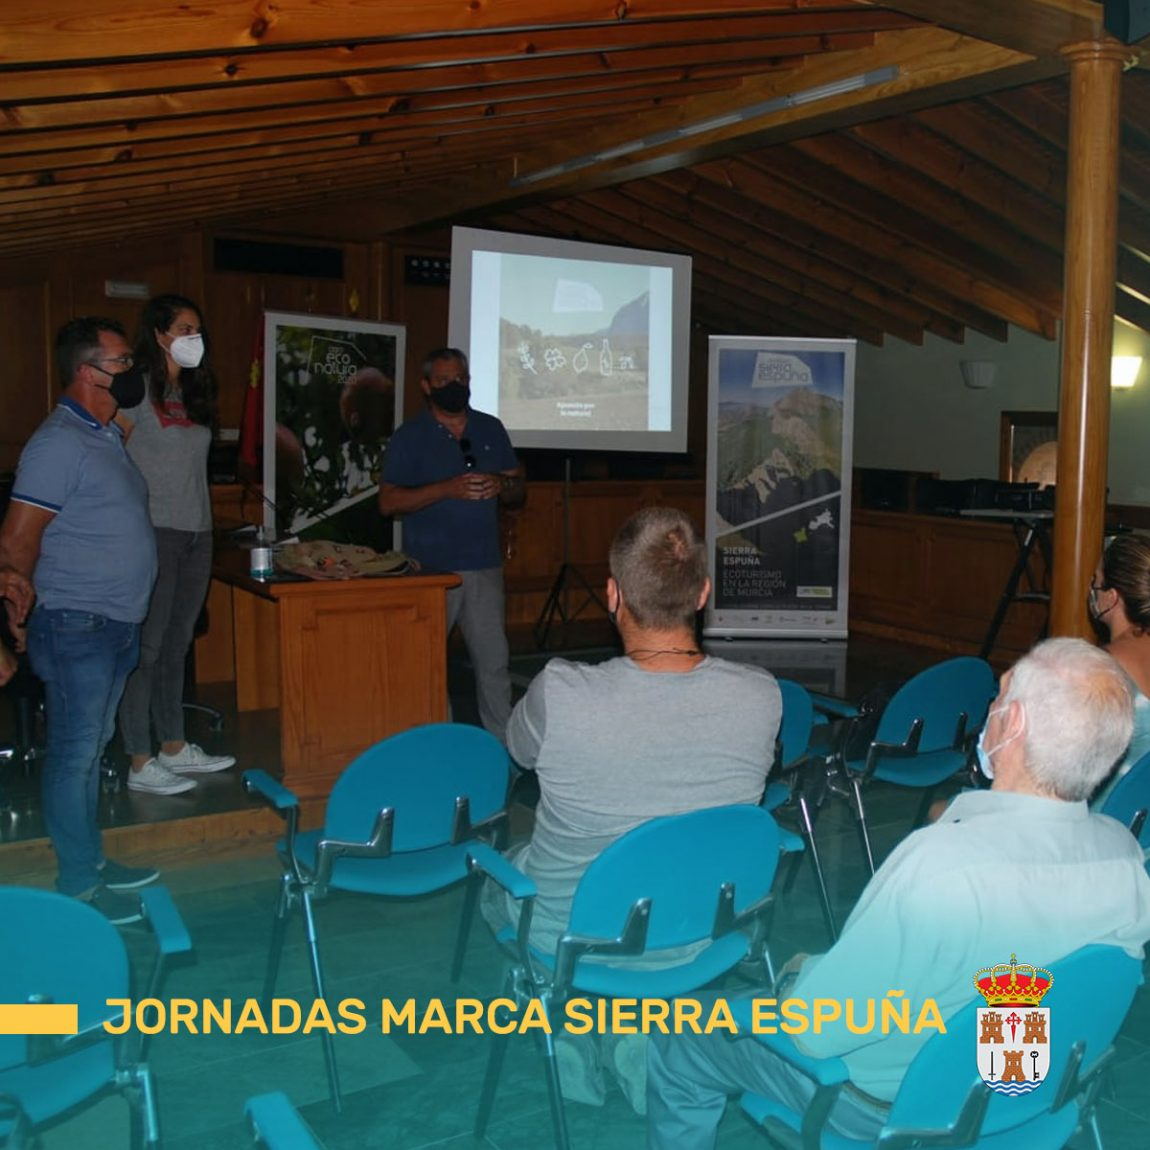 Jornadas de la Marca Sierra Espuña